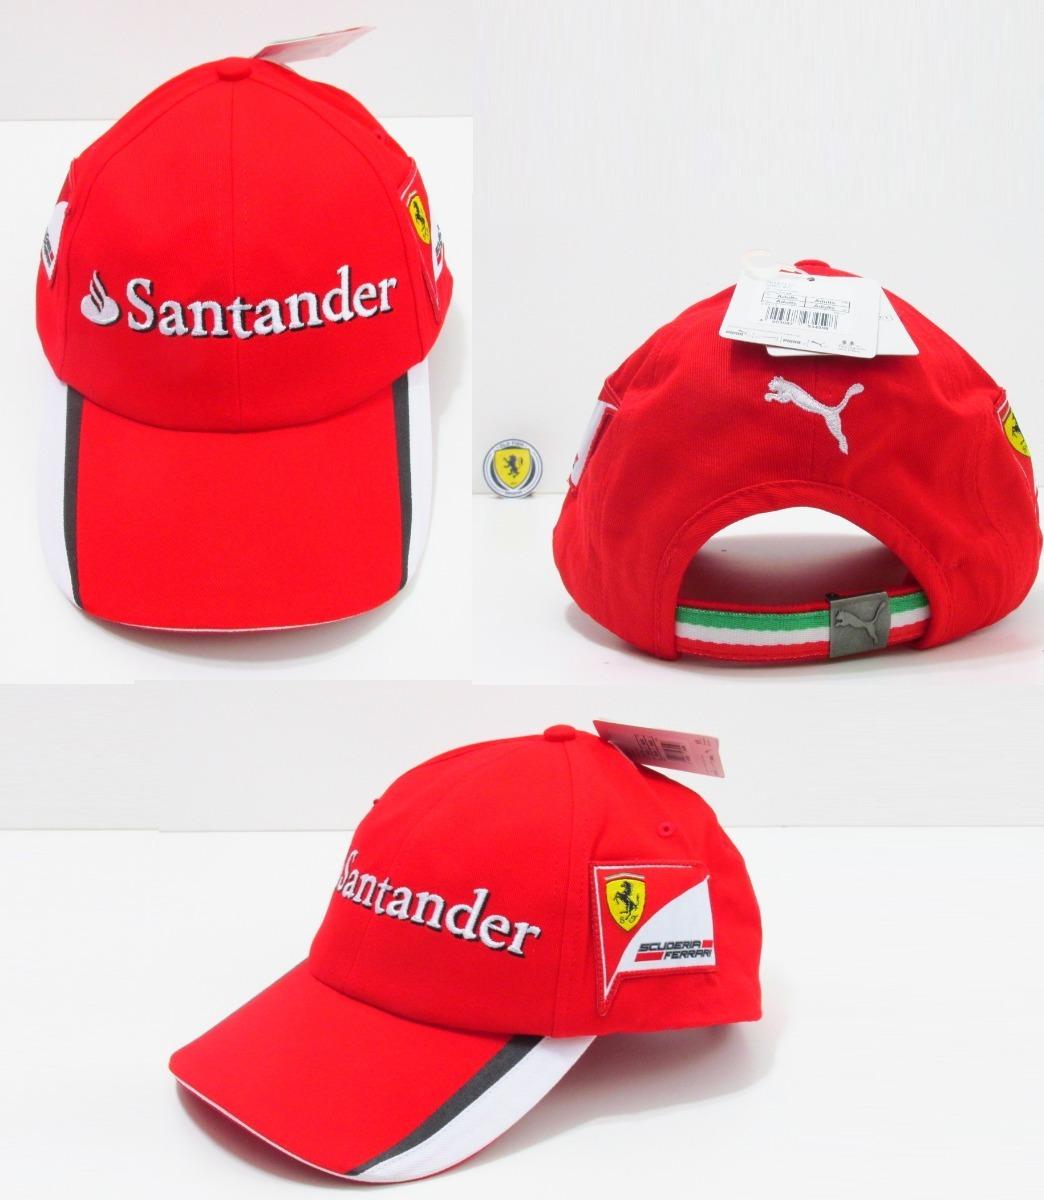 caa86cedf2d0c Boné Santander Ferrari 100% Oficial Puma - R  249